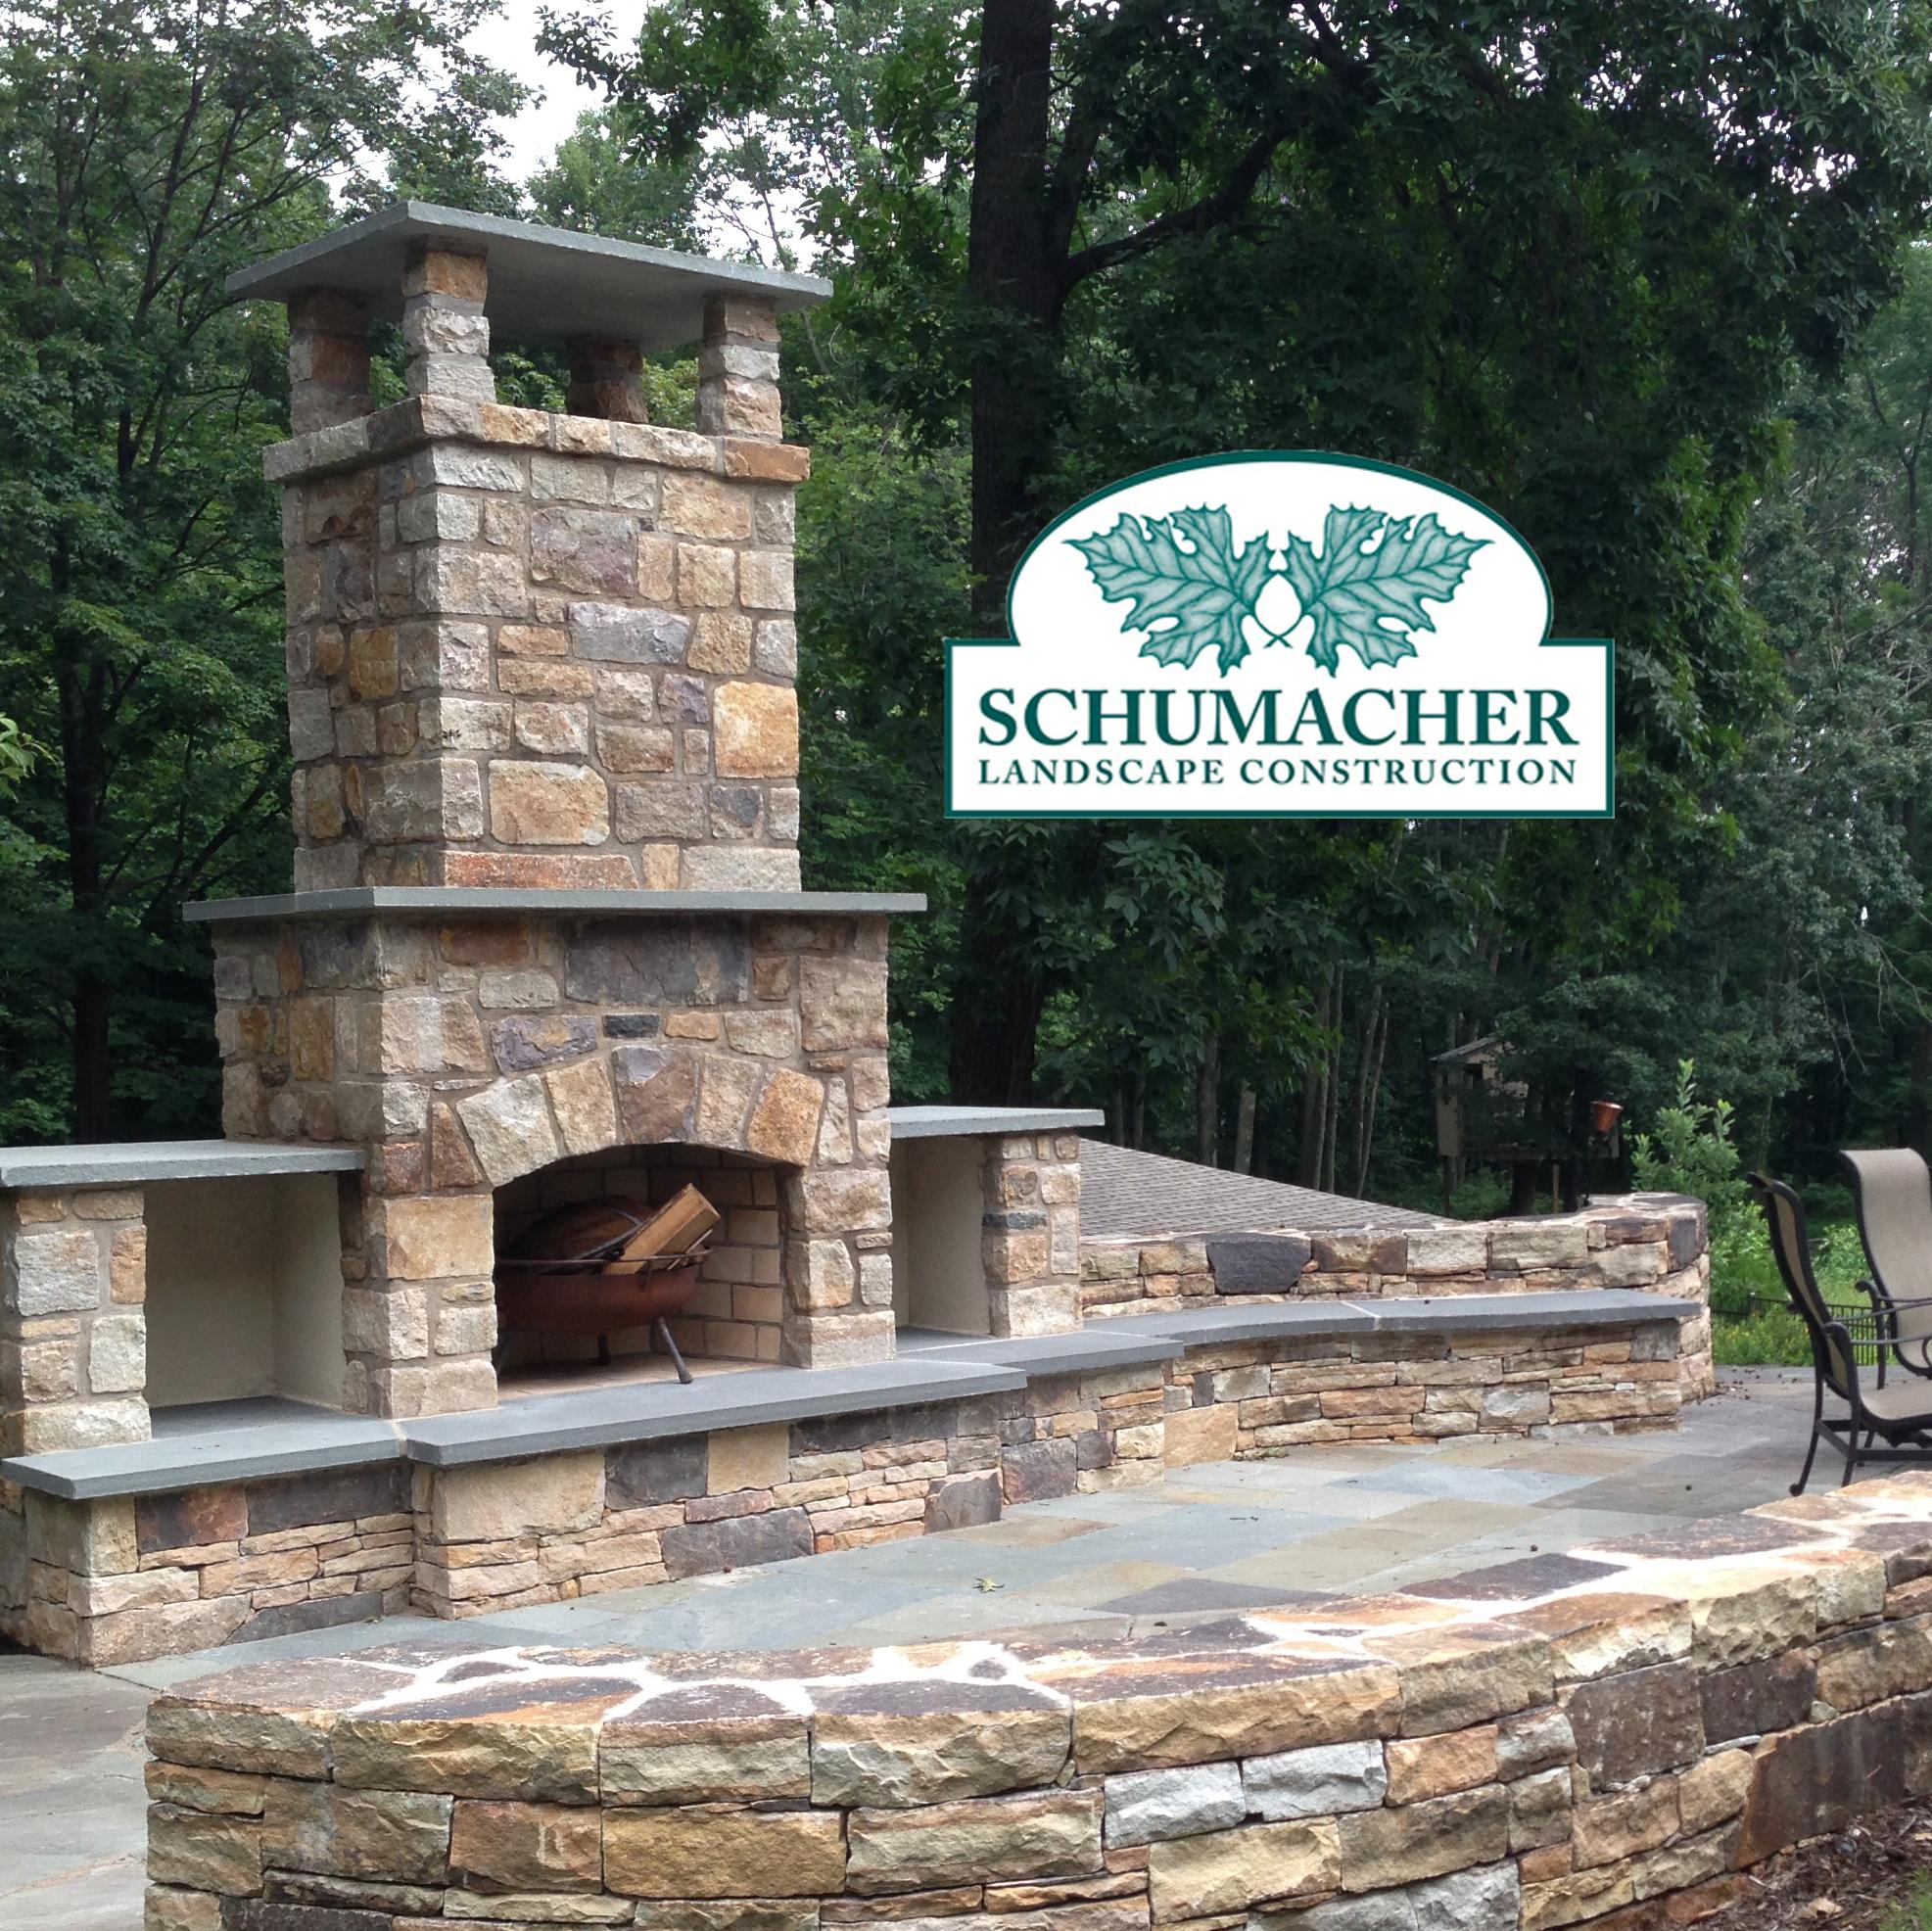 Schumacher Landscape Construction logo